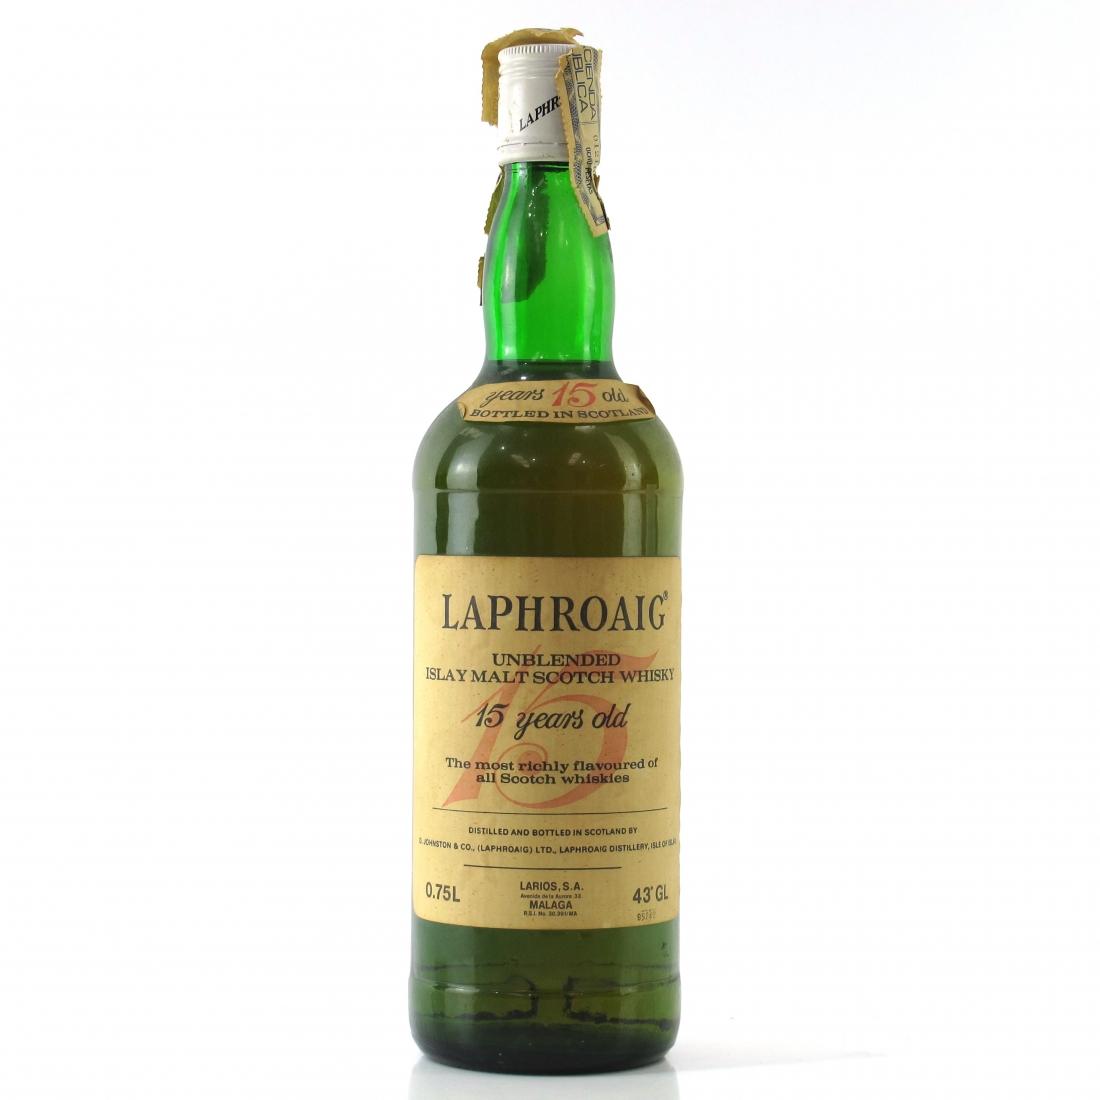 Laphroaig 15 Year Old 1980s / Spanish Import